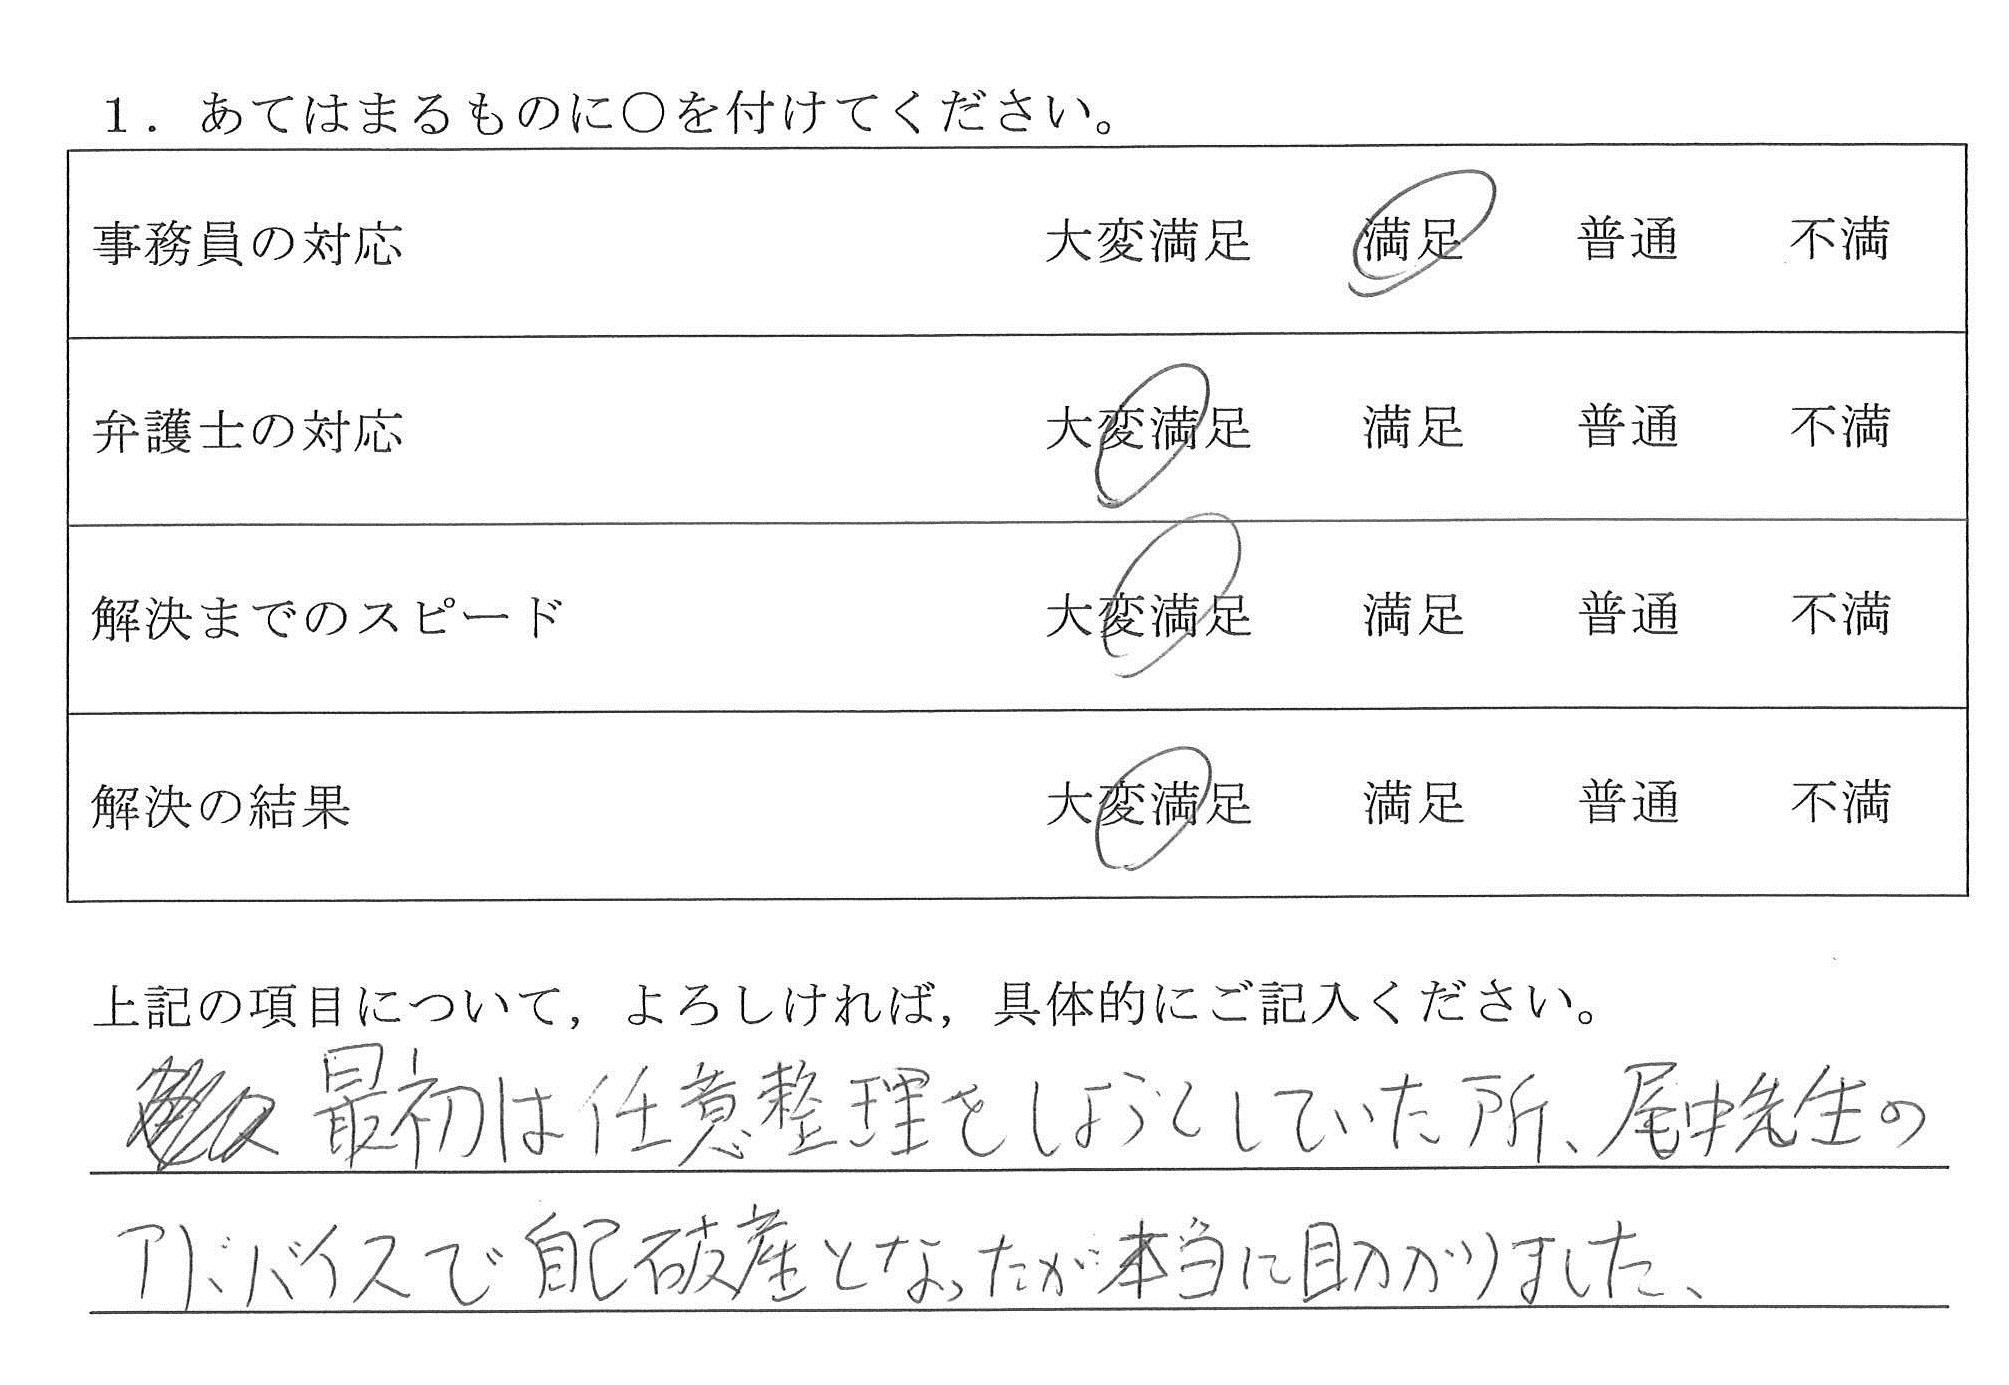 名古屋市30代男性(債務整理)の依頼者様の声 : 最初は任意整理をしようとしていた所、尾中先生のアドバイスで自己破産となったが本当に助かりました。